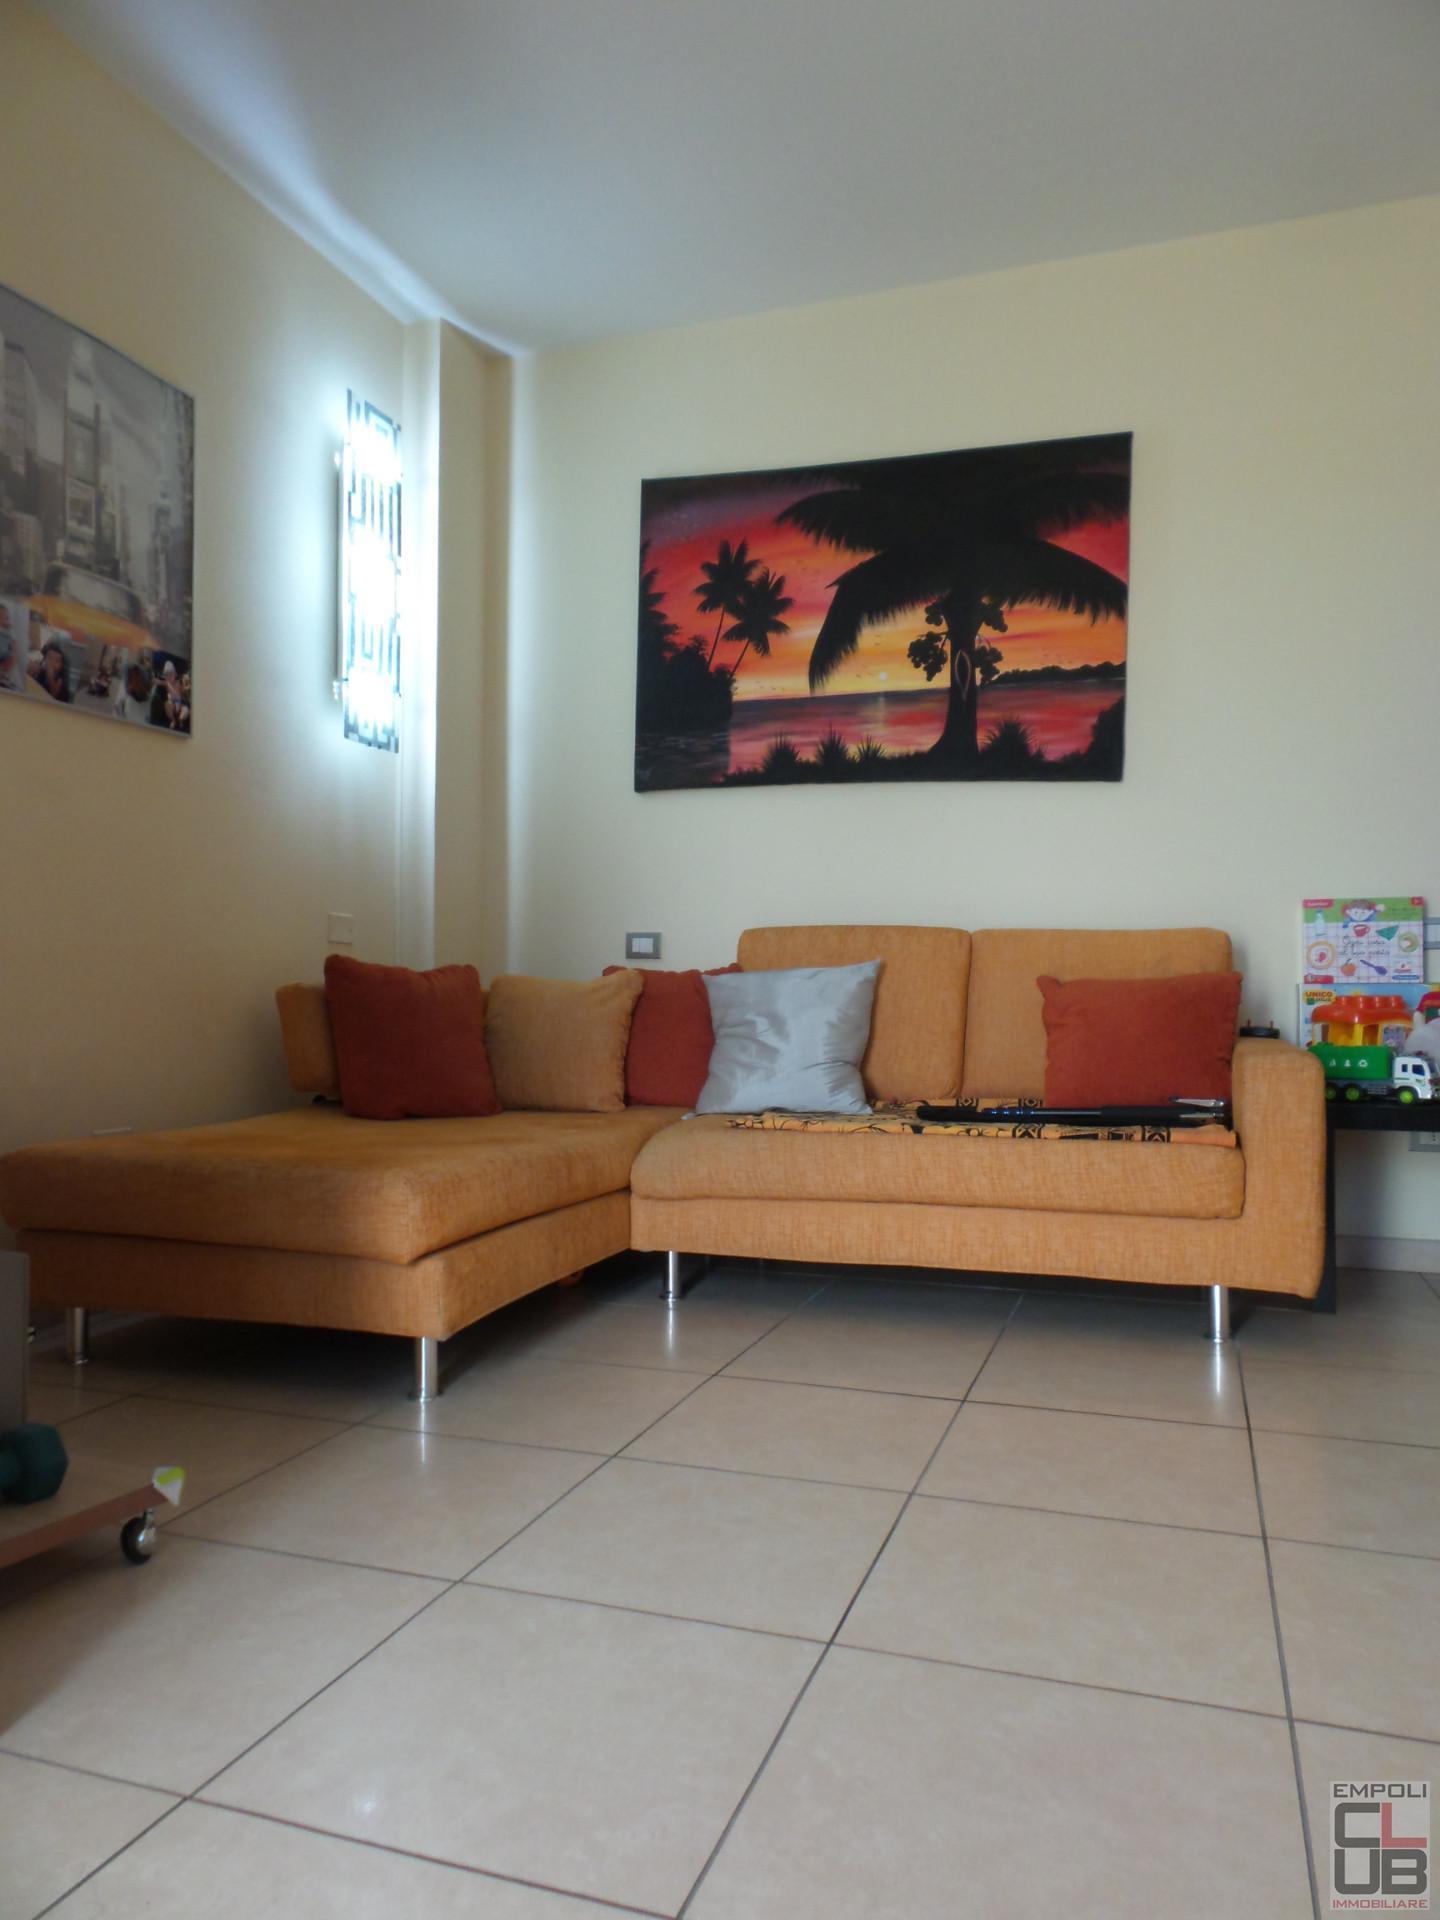 Appartamento in vendita, rif. P/0130